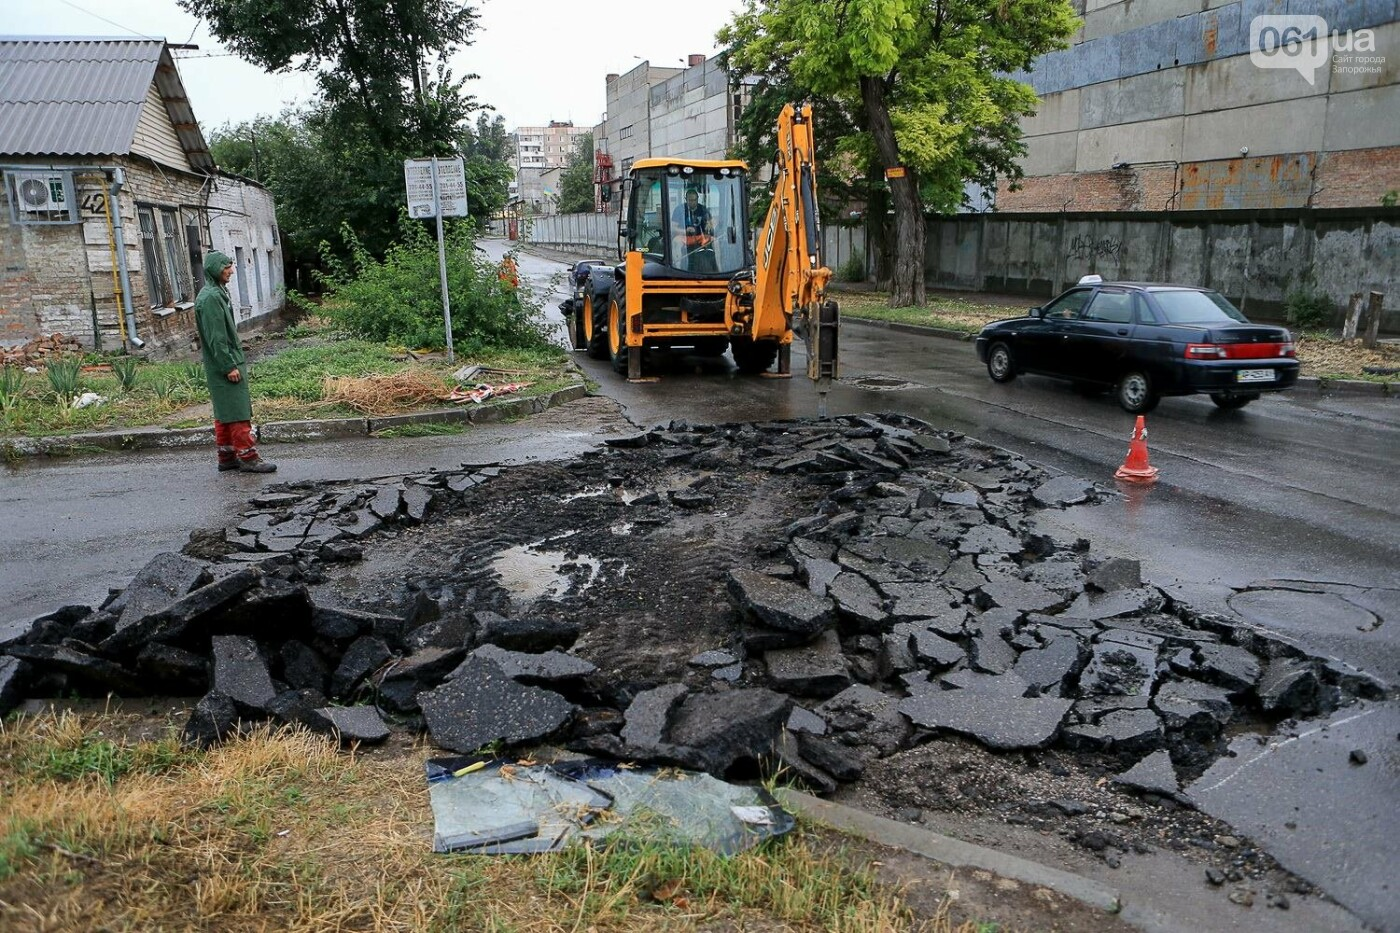 В Запорожье после ливней разрушены дороги: почему это произошло и за чей счет отремонтируют, - ФОТОРЕПОРТАЖ, фото-5